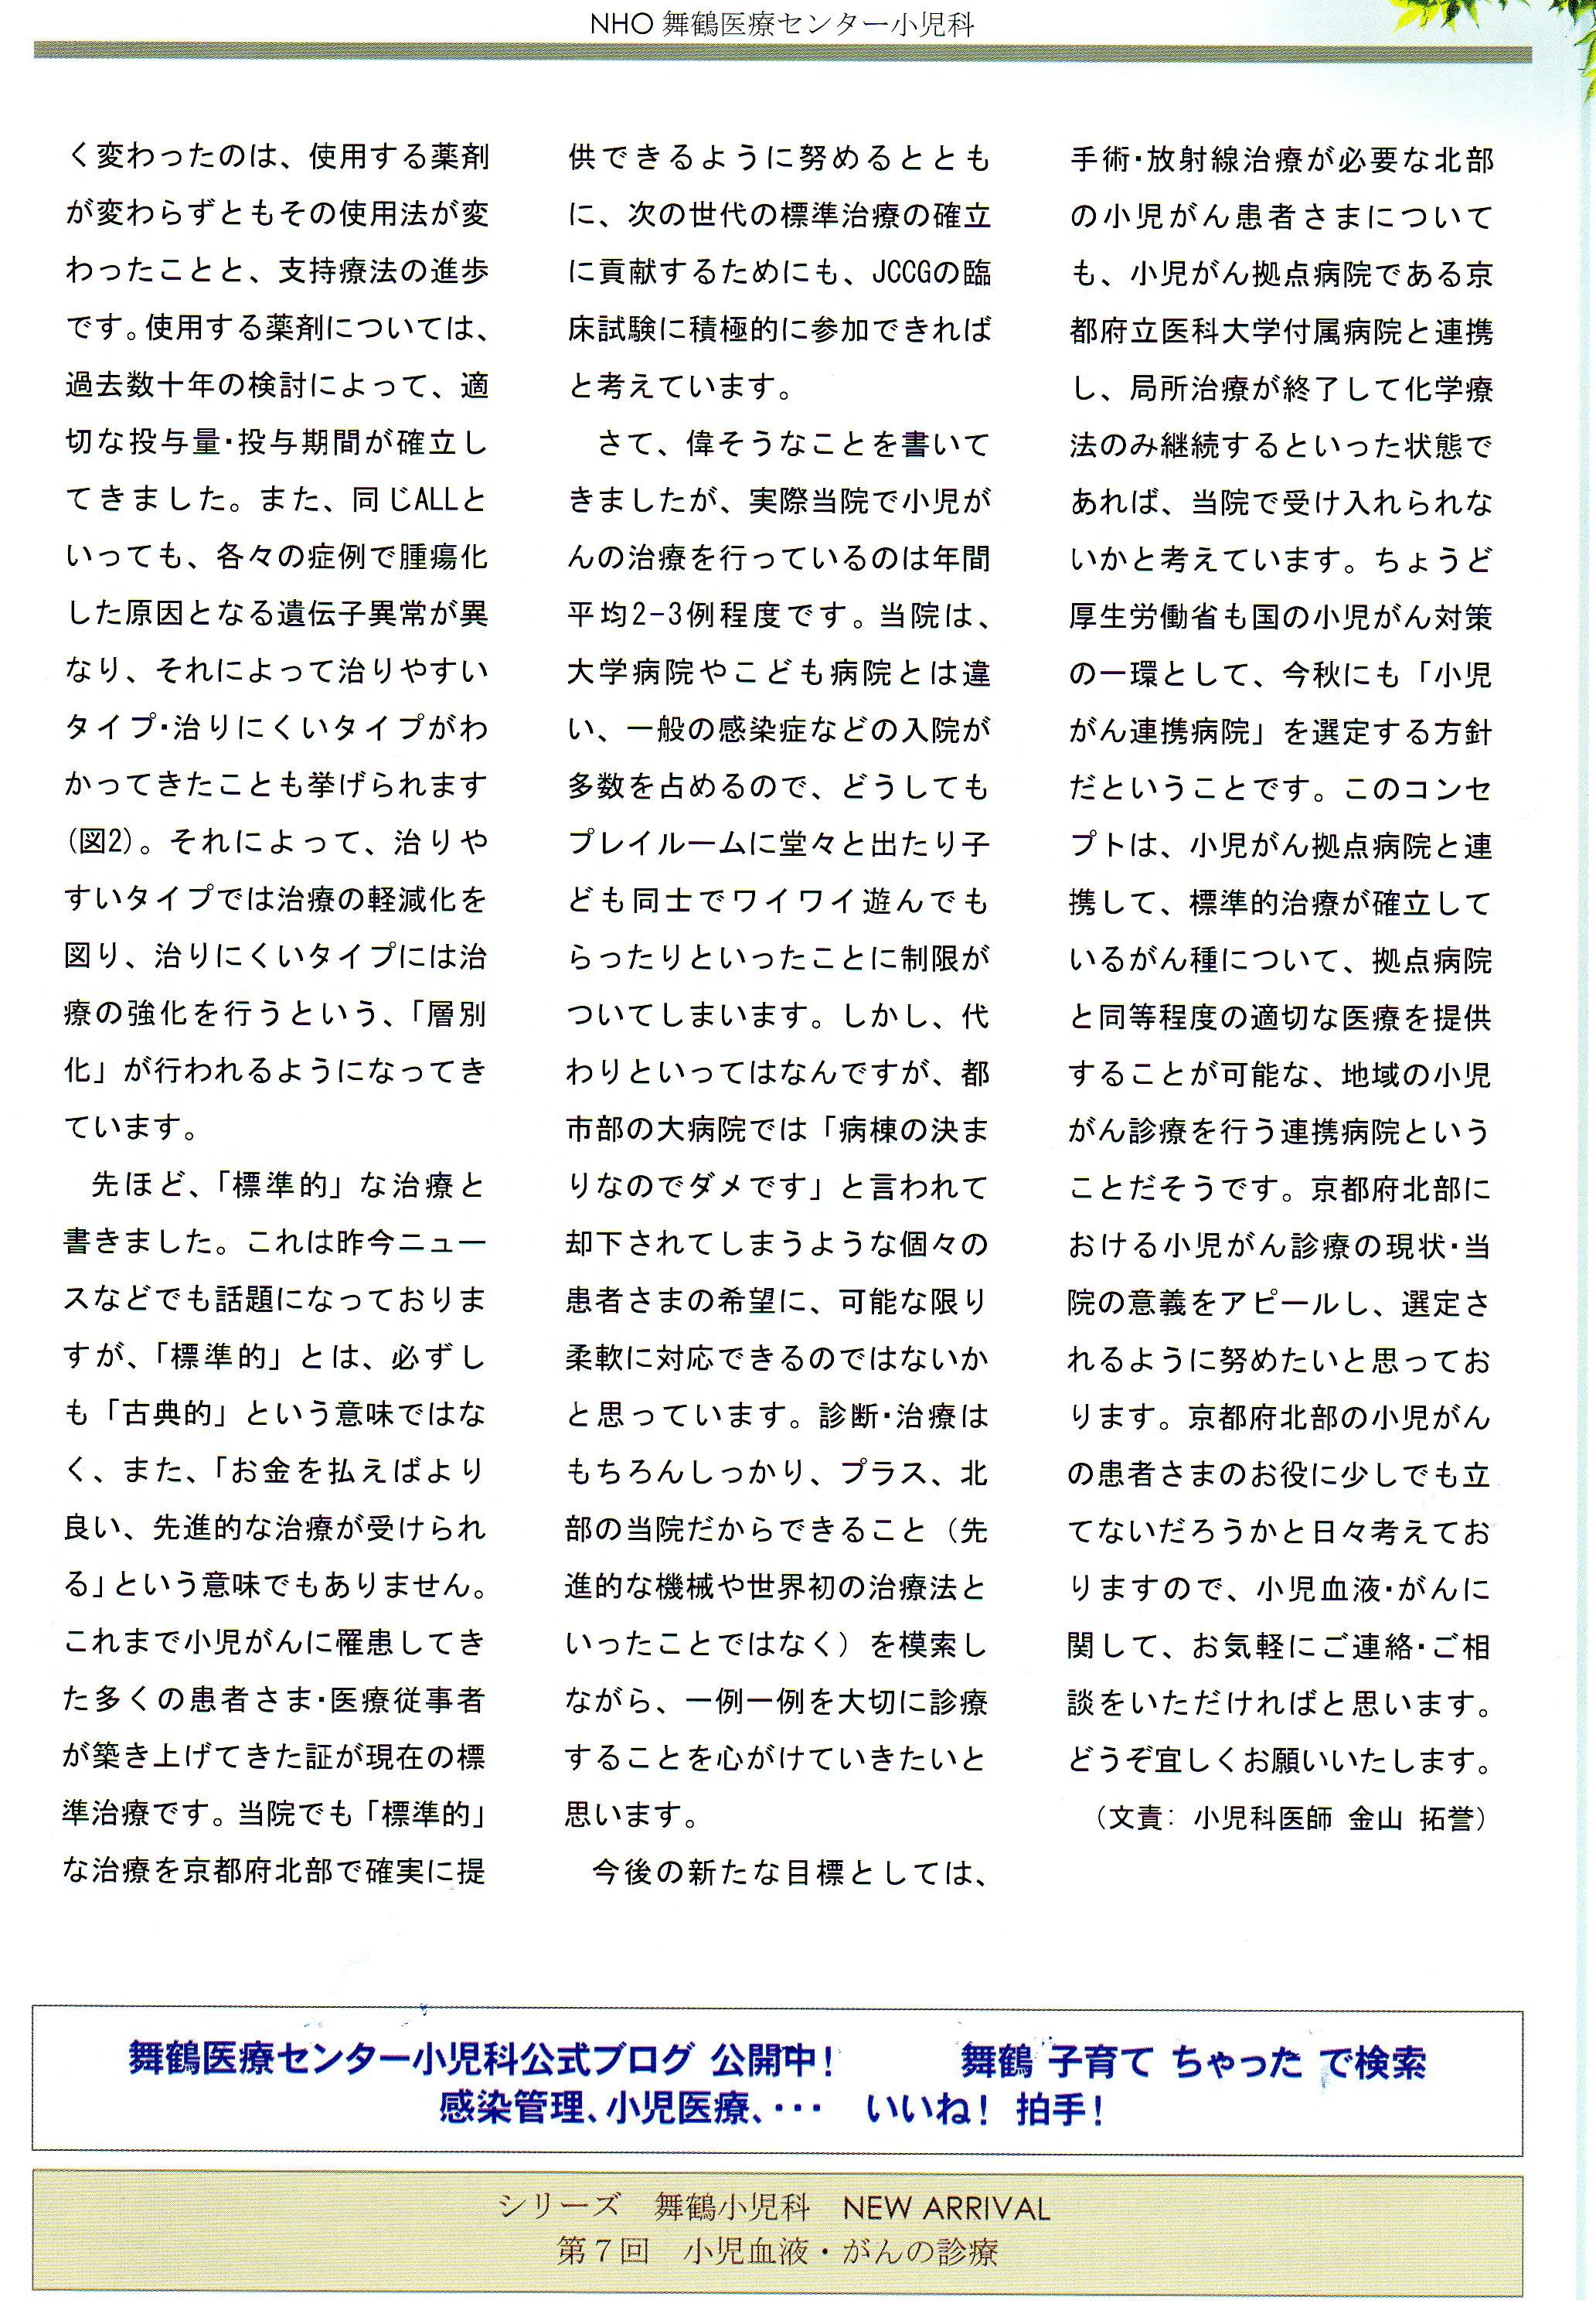 舞鶴小児科NEWARRIVAL7002